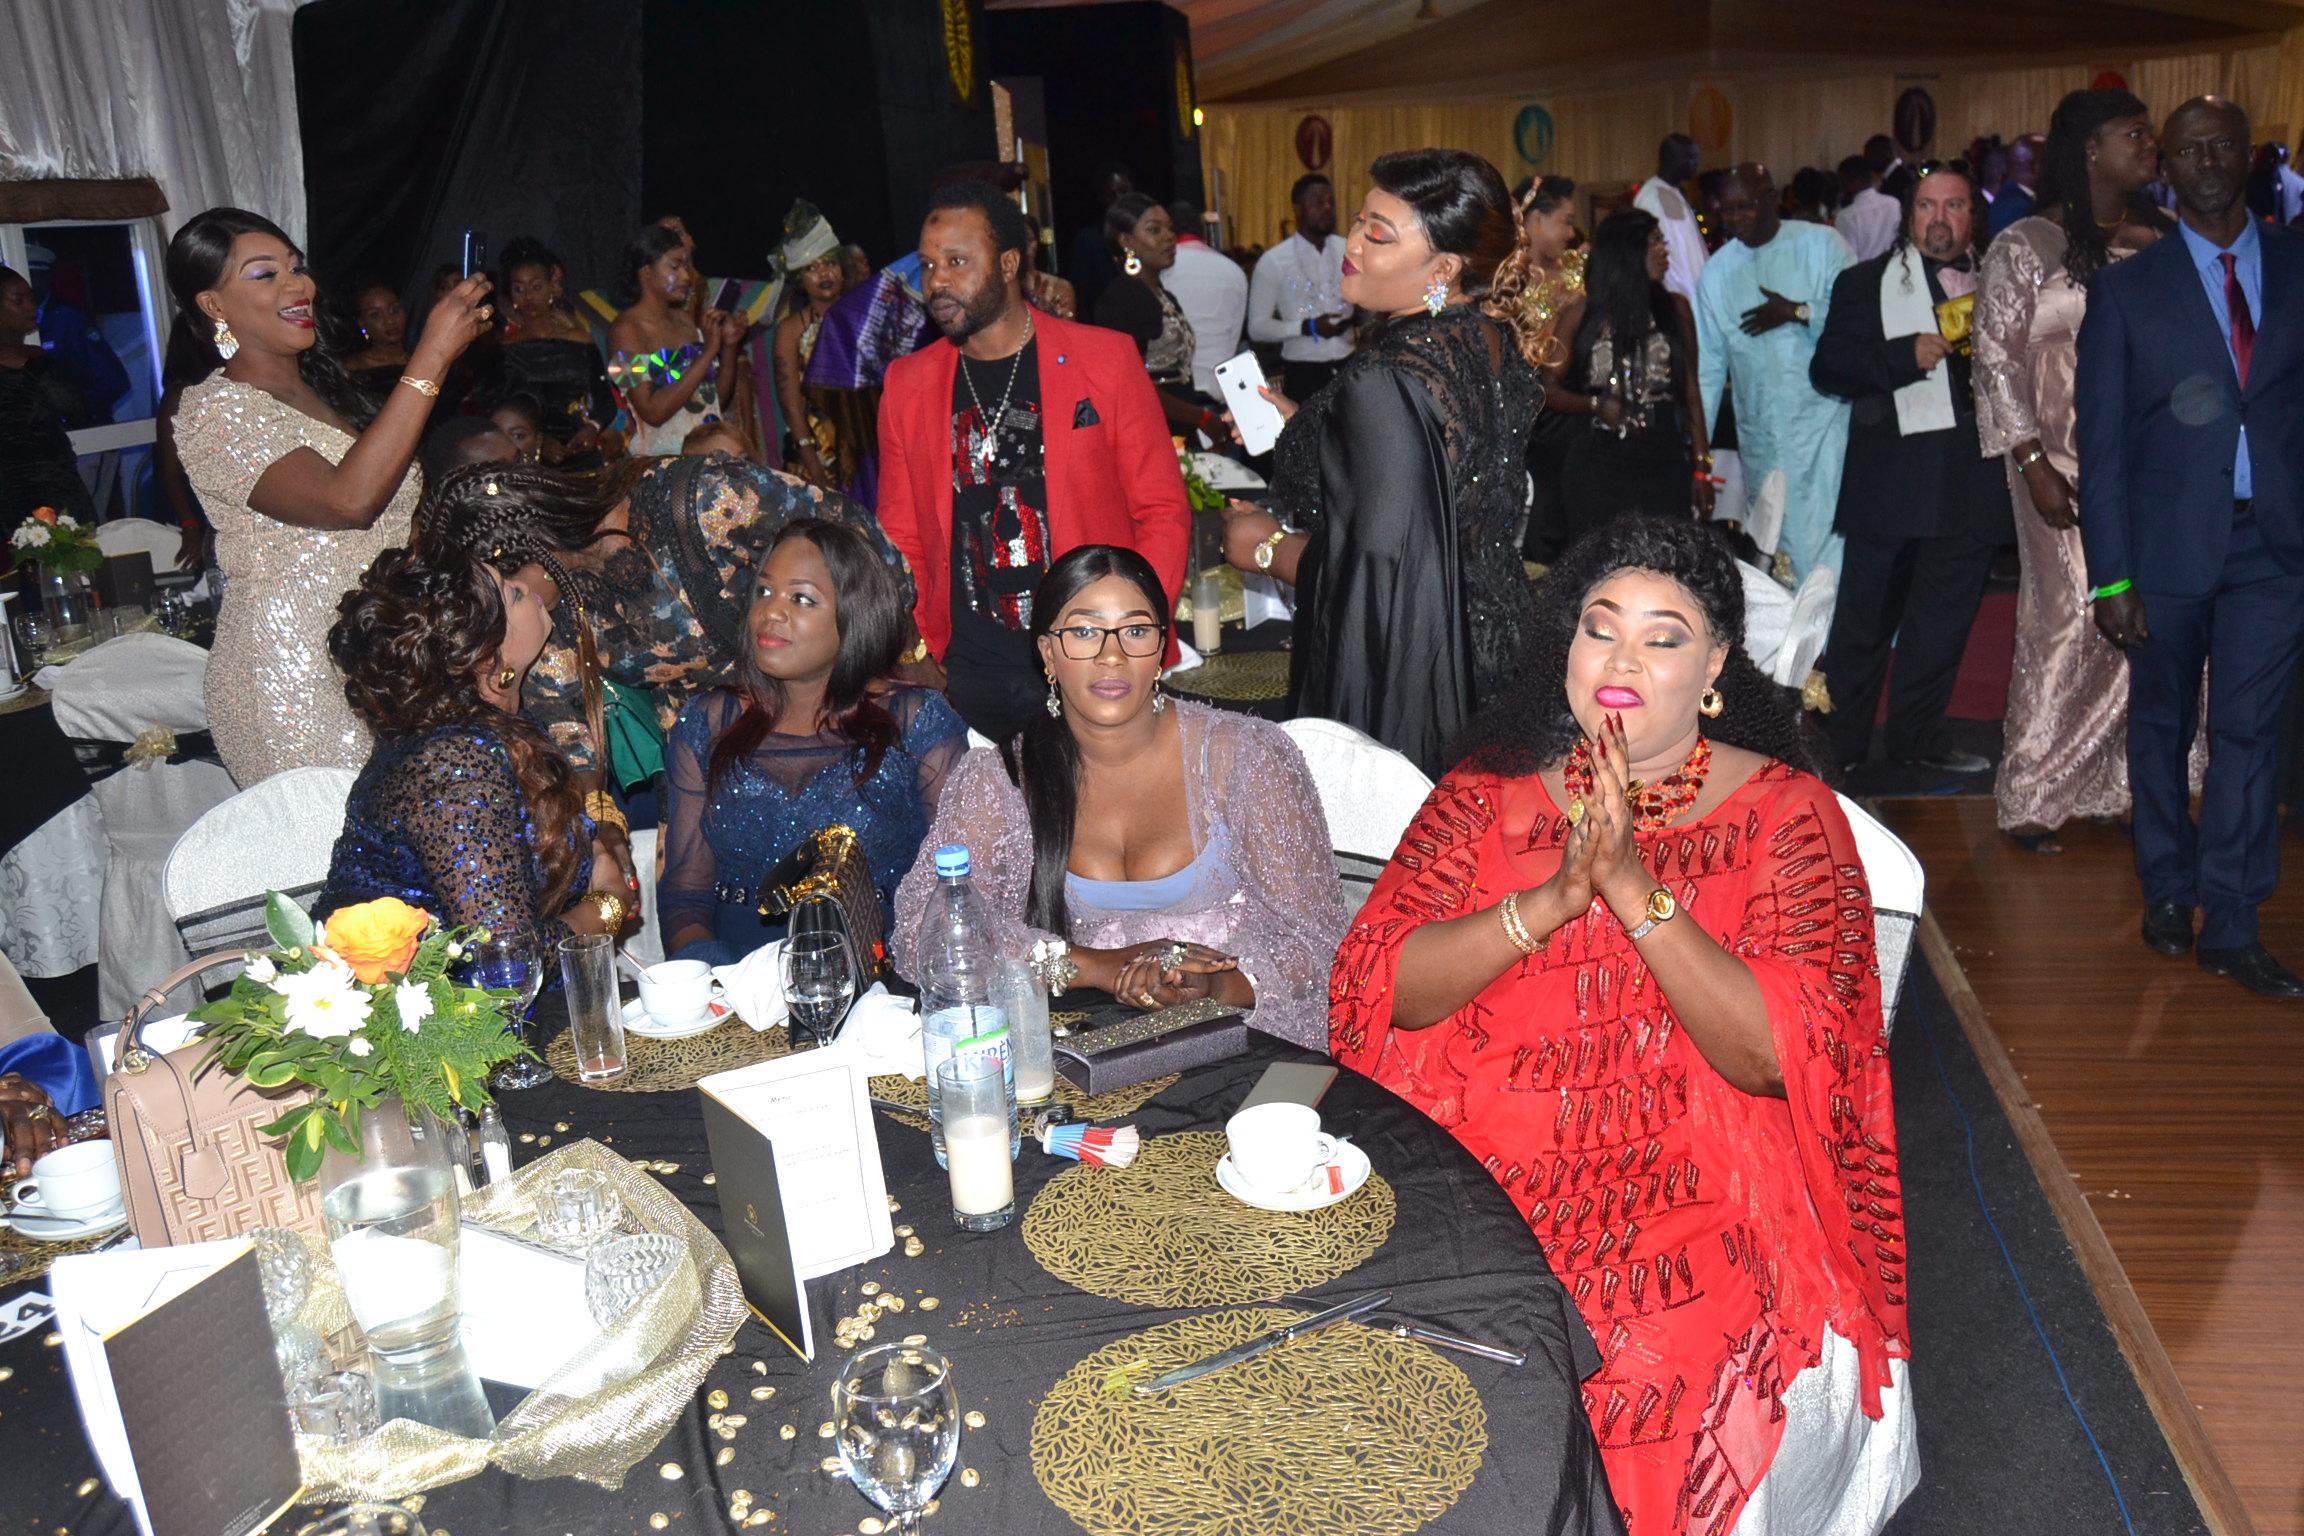 La 15 eme Cérémonie des remises des Cauris d'Or, l'incontournable prestigieuse de l'Afrique de l'Ouest.